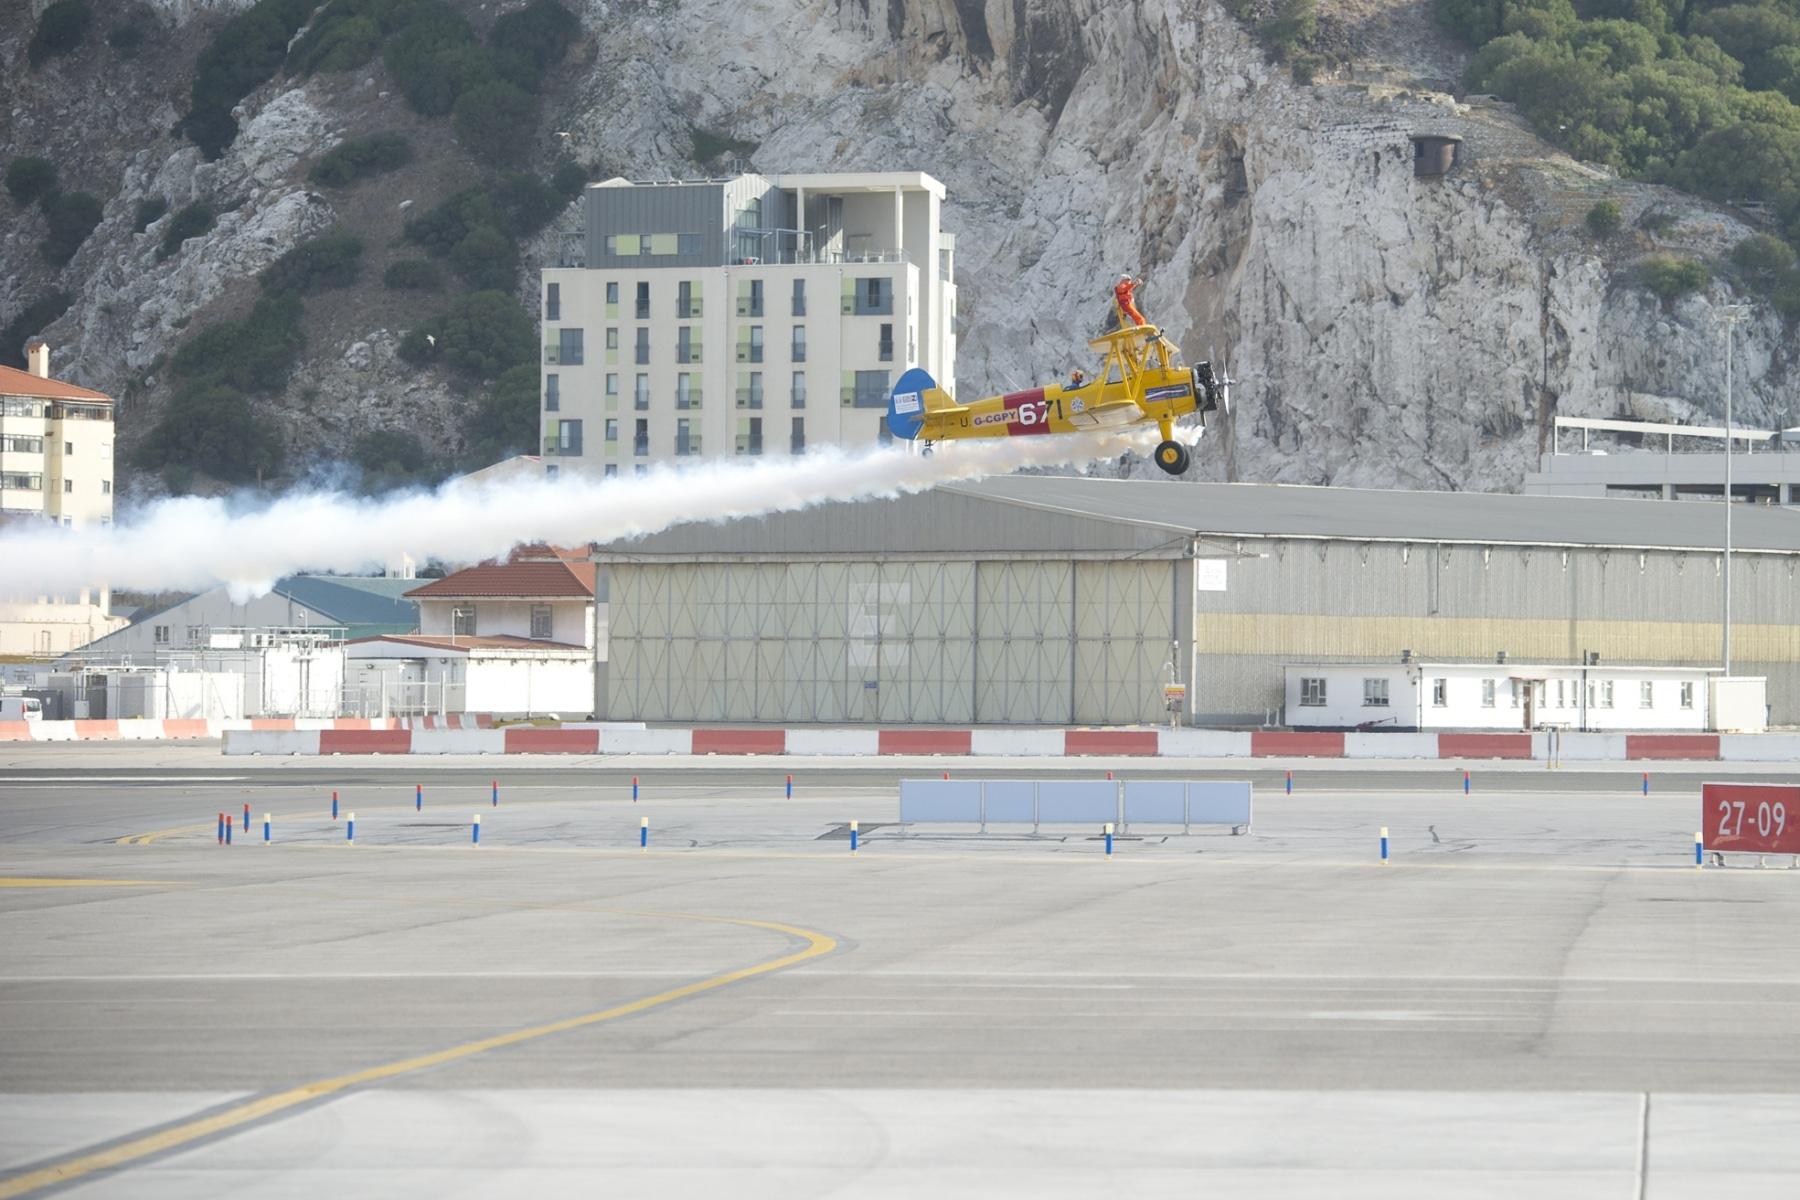 tom-lackey-acrobata-aereo-de-94-anos-en-gibraltar-10102014-14_15516249685_o